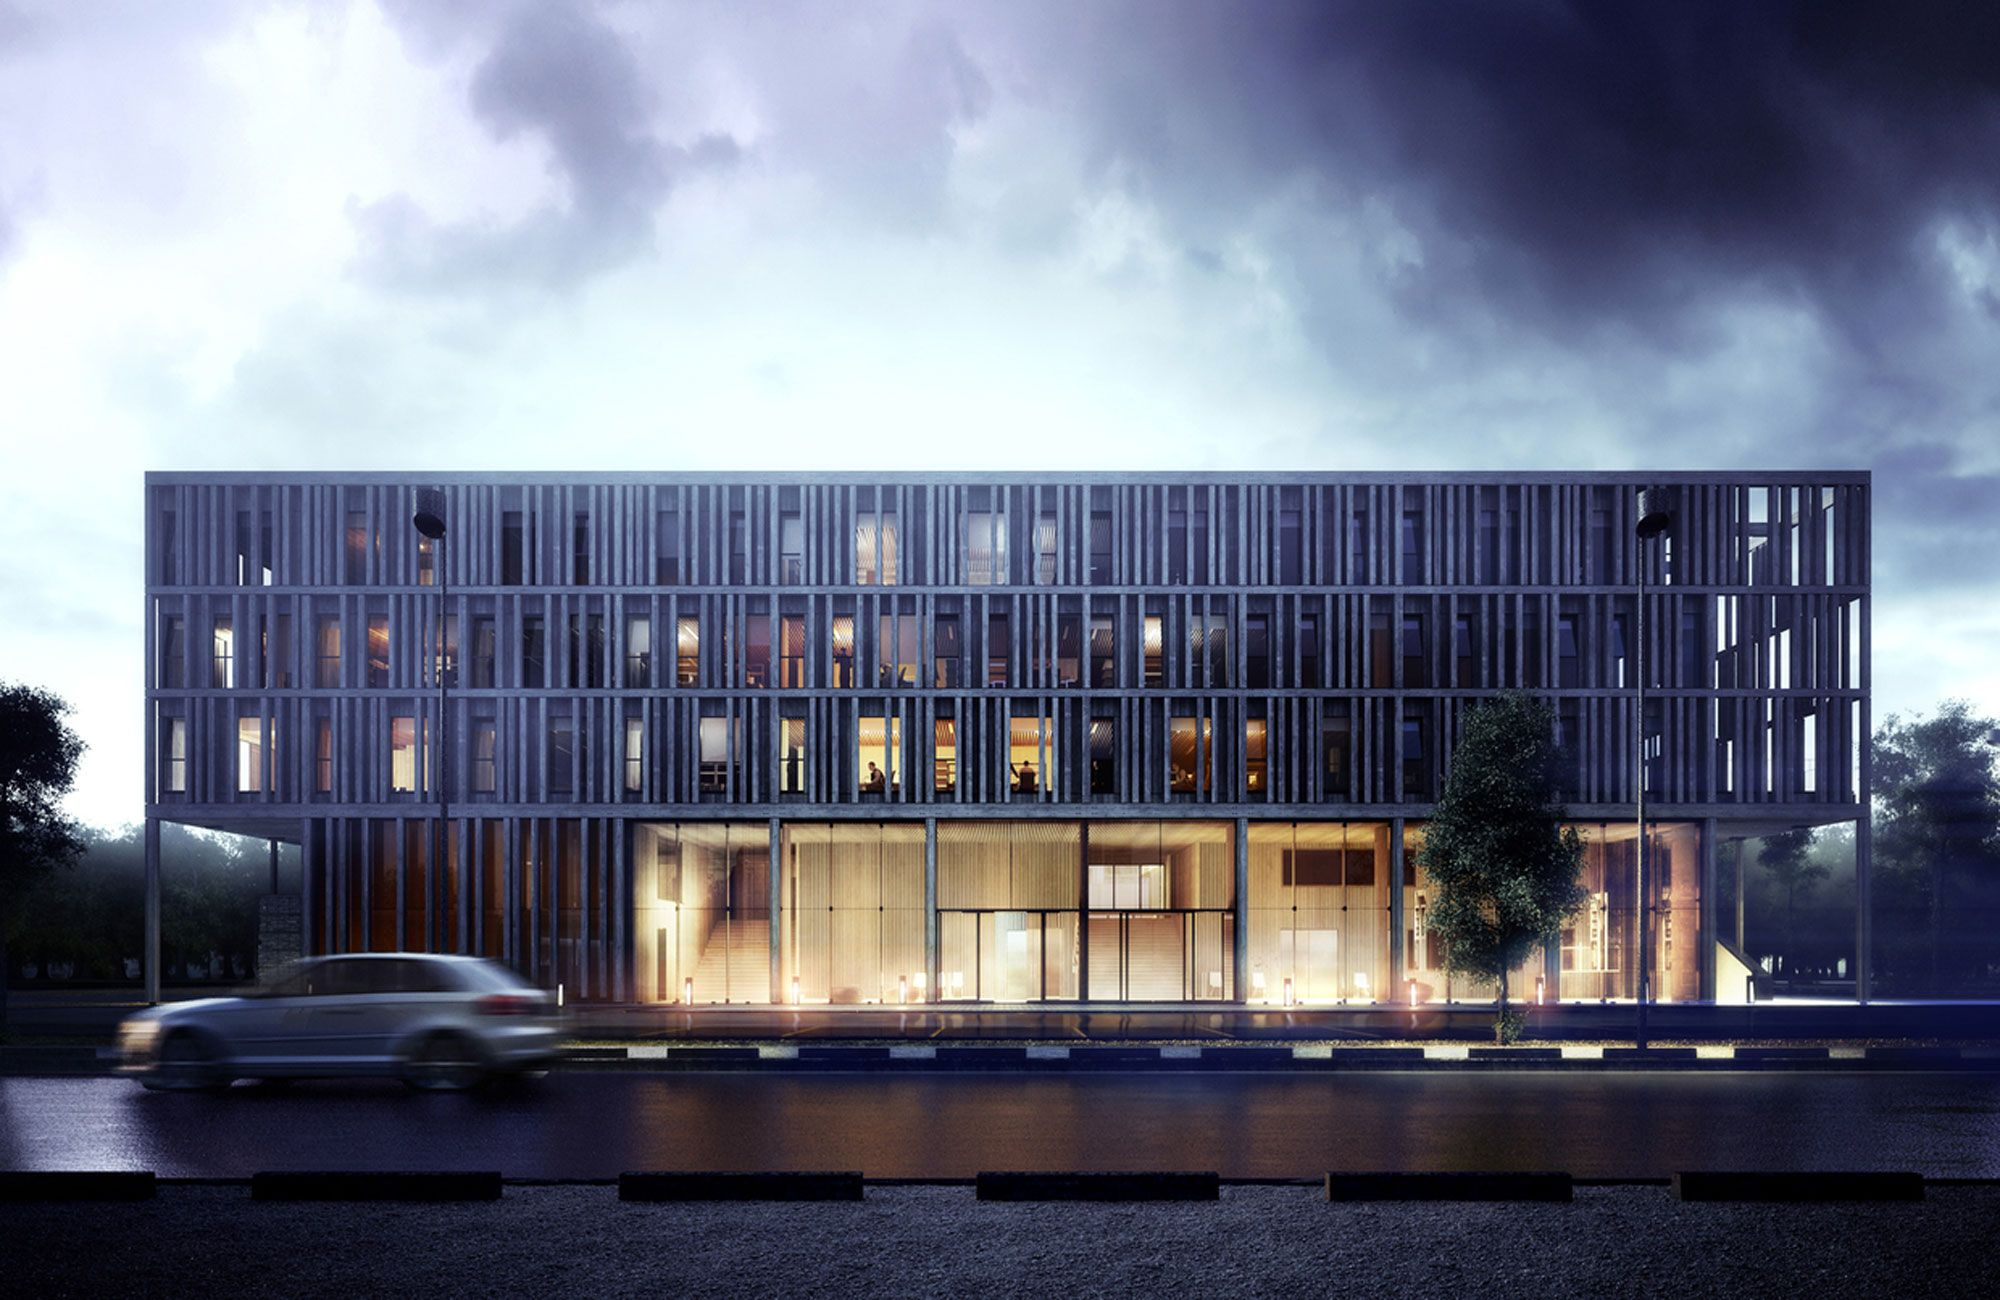 Maison Du Batiment D Aquitaine Architecture Visualization Architecture Facade Architecture